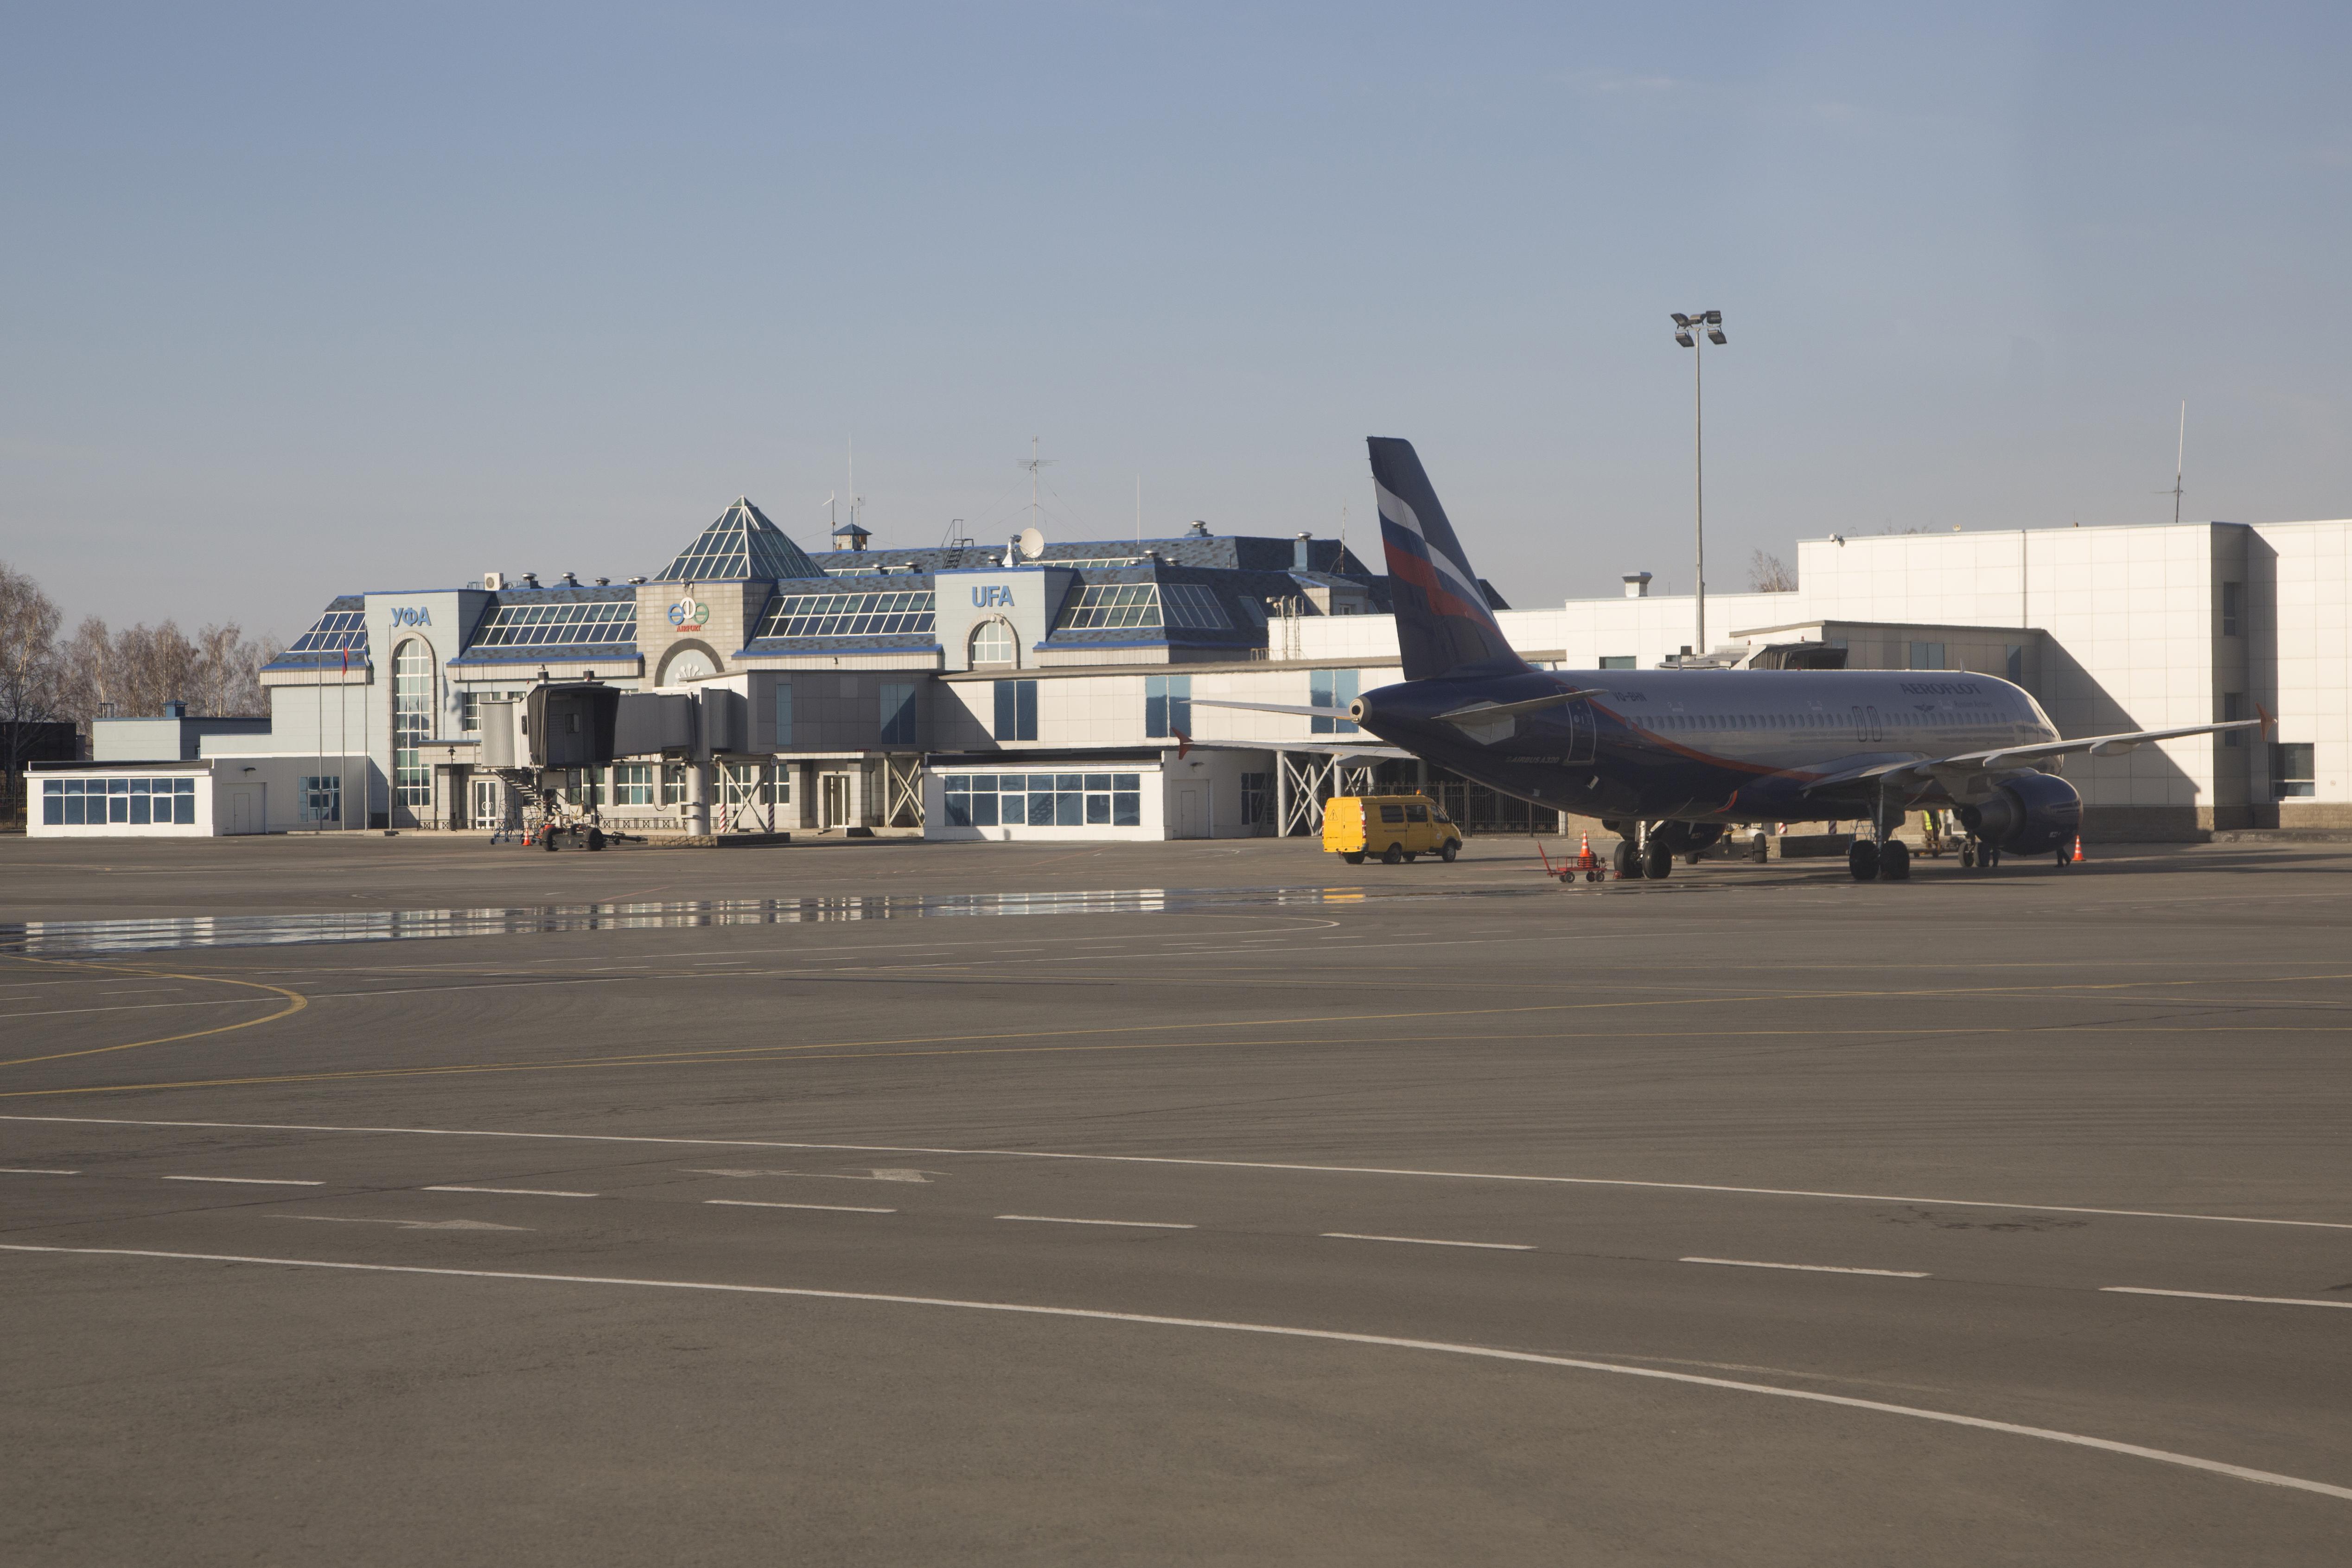 """""""Една от най-отговорните задачи бе модернизацията на летището в Уфа, и ние се справихме с нея. На летището в Уфа бе построен нов международен терминал, той отговаря на всички световни стандарти""""."""